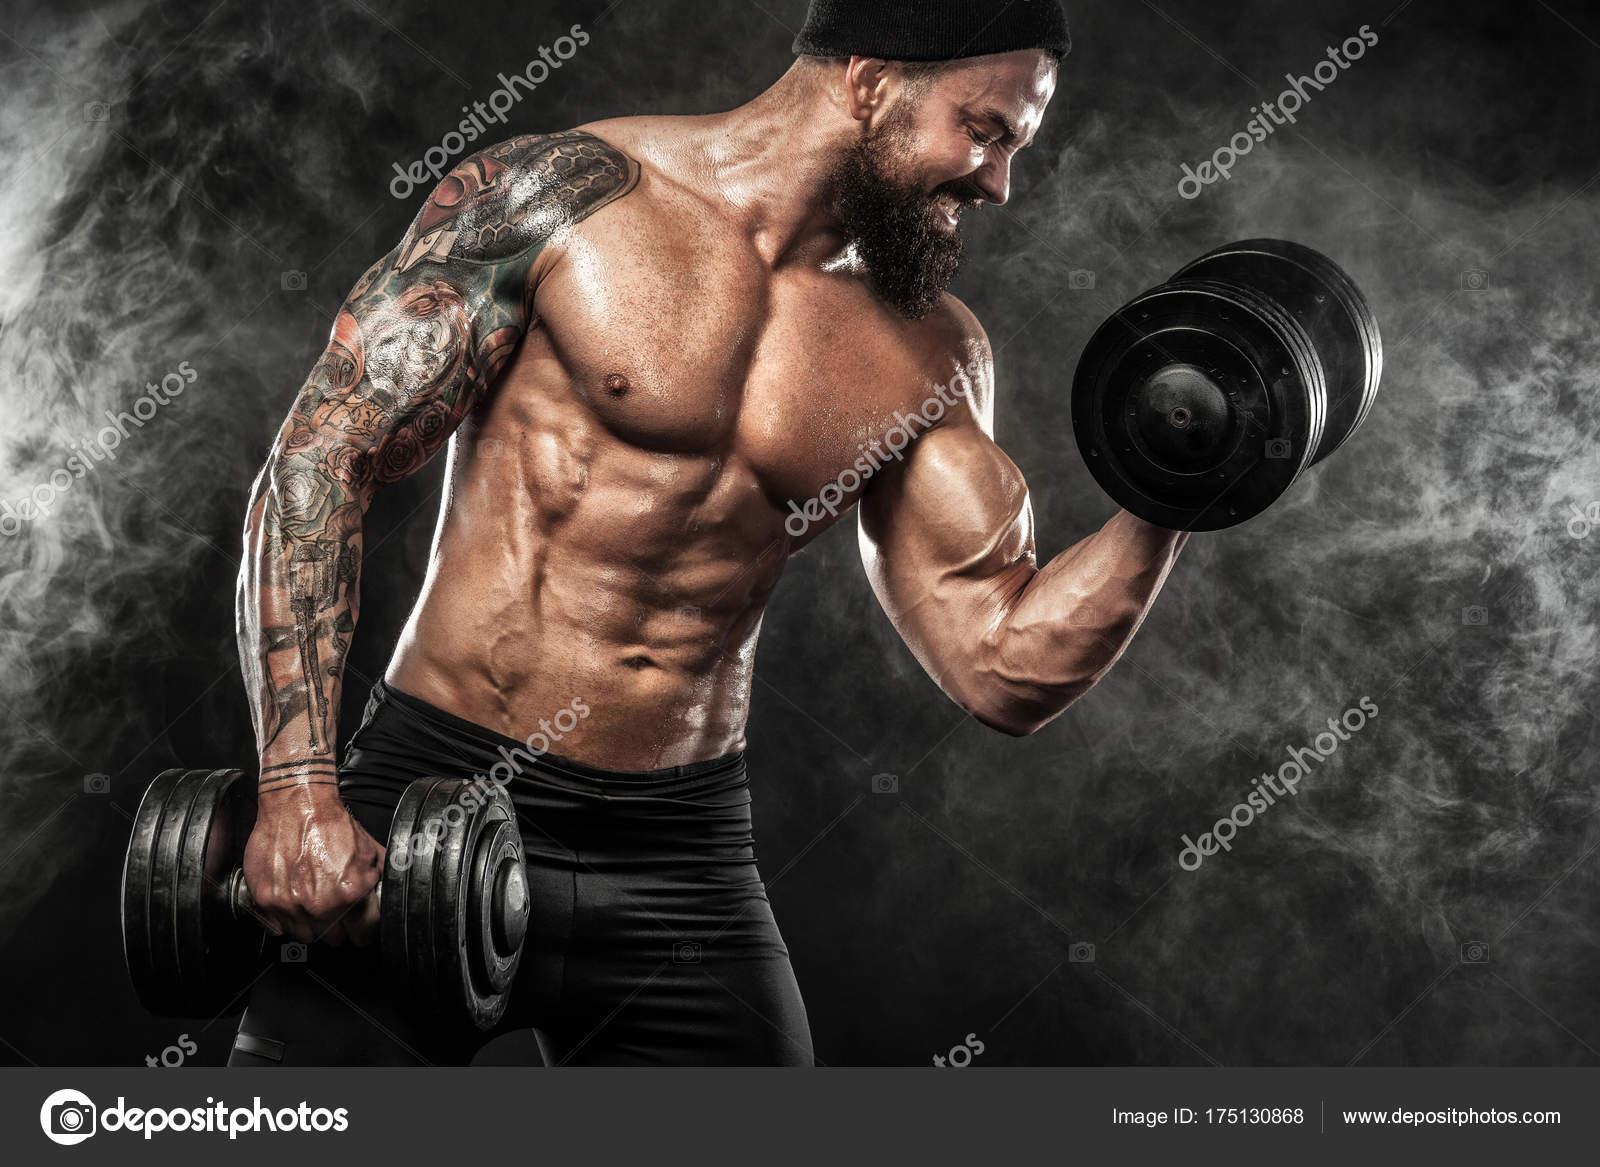 Athlétique sport jeunes torse nu homme - modèle fitness avec haltères en  gym — Image de MikeOrlov 0788a4a3940